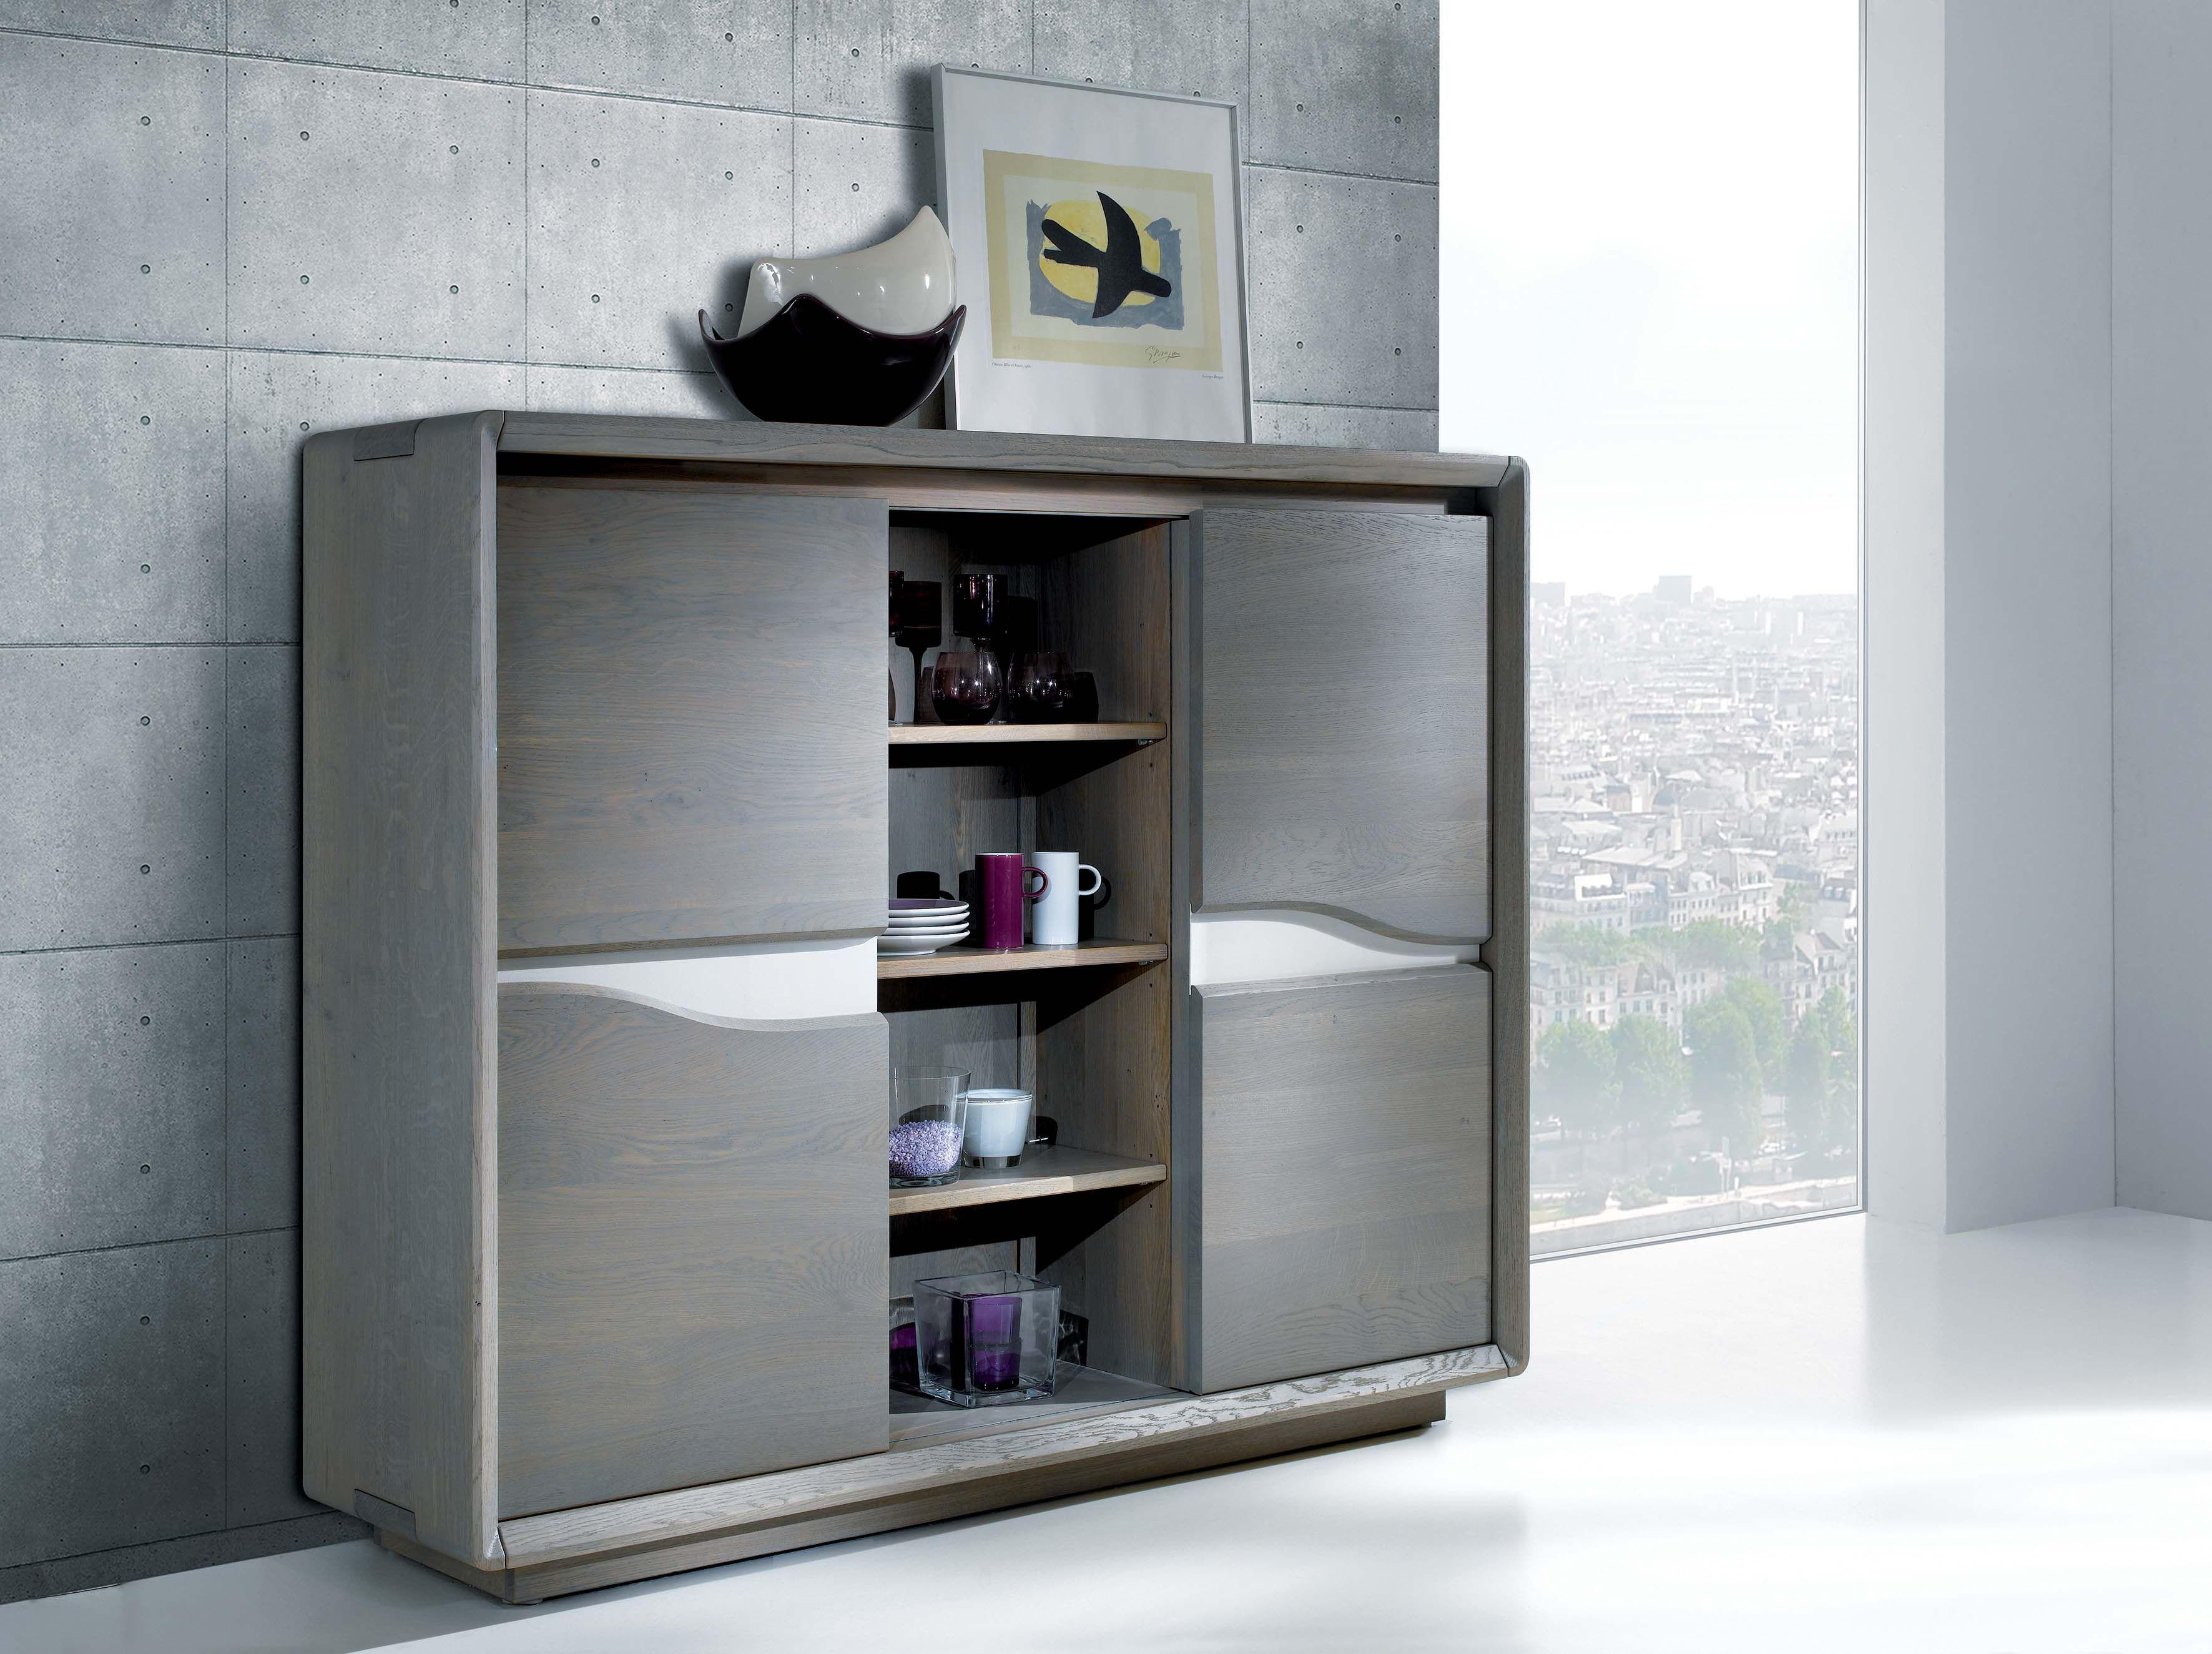 Sejour Ceram Meuble D Appui 2 Portes Coulissantes Largeur 155 Cm Hauteur 128 Cm Profondeur 40 Cm Bathroom Medicine Cabinet Home Home Decor